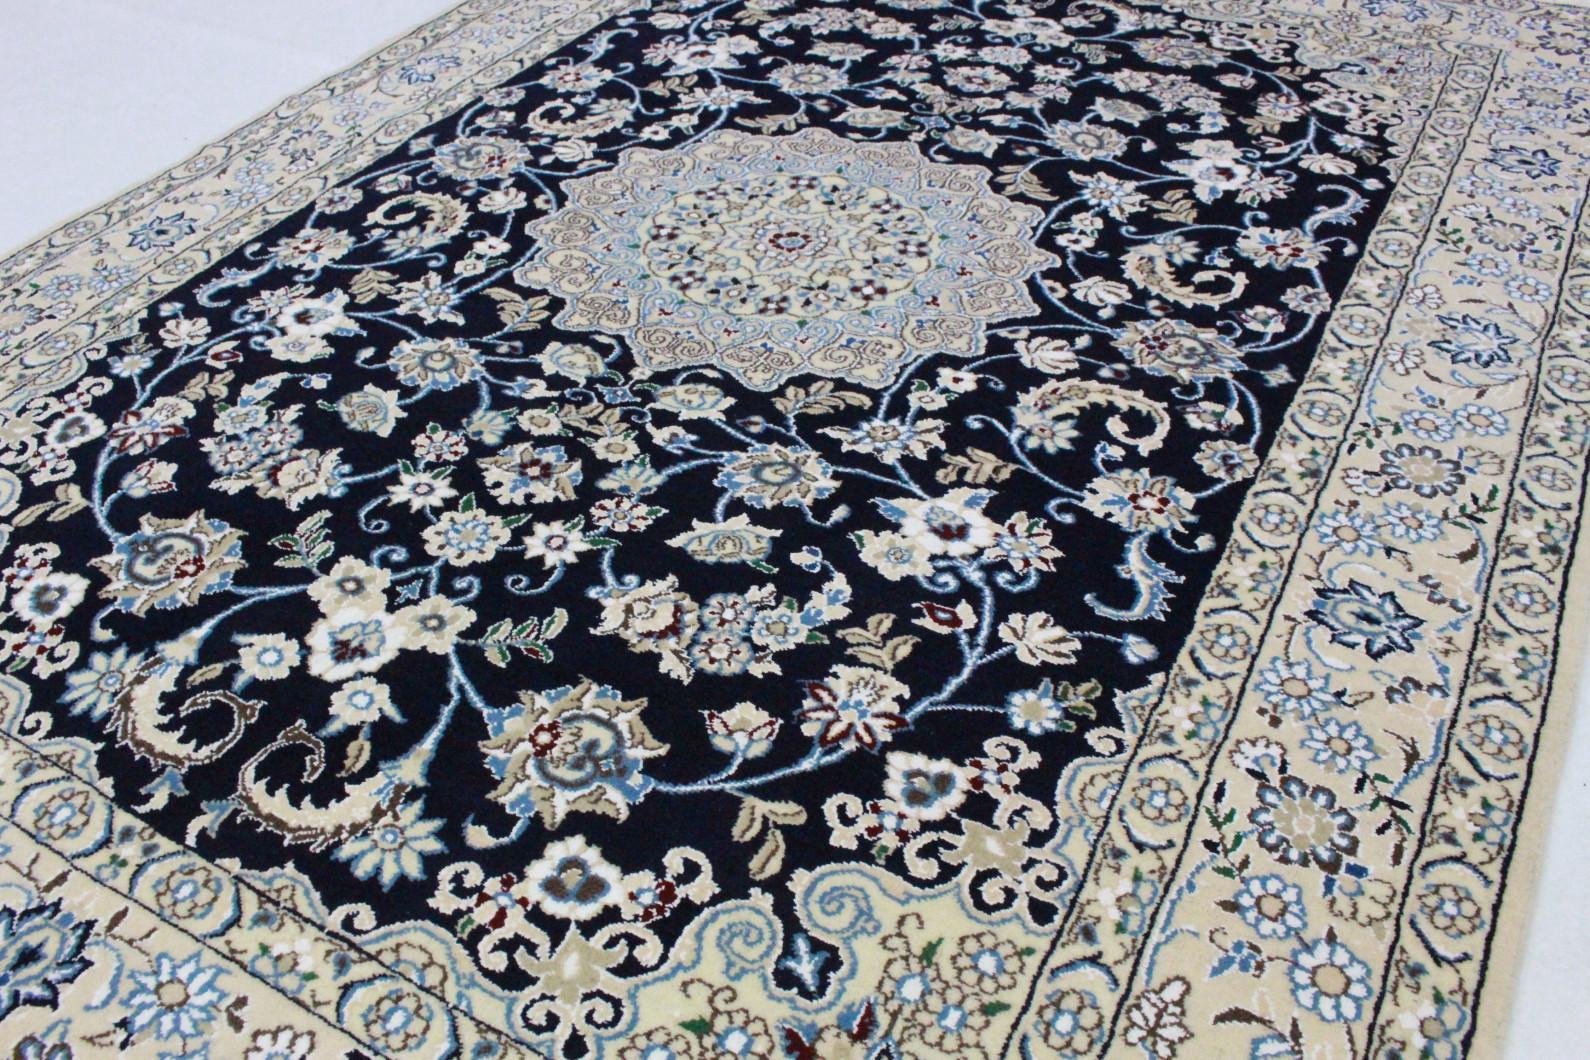 nain teppich beige blau in 200x140 5120 27432 bei kaufen. Black Bedroom Furniture Sets. Home Design Ideas